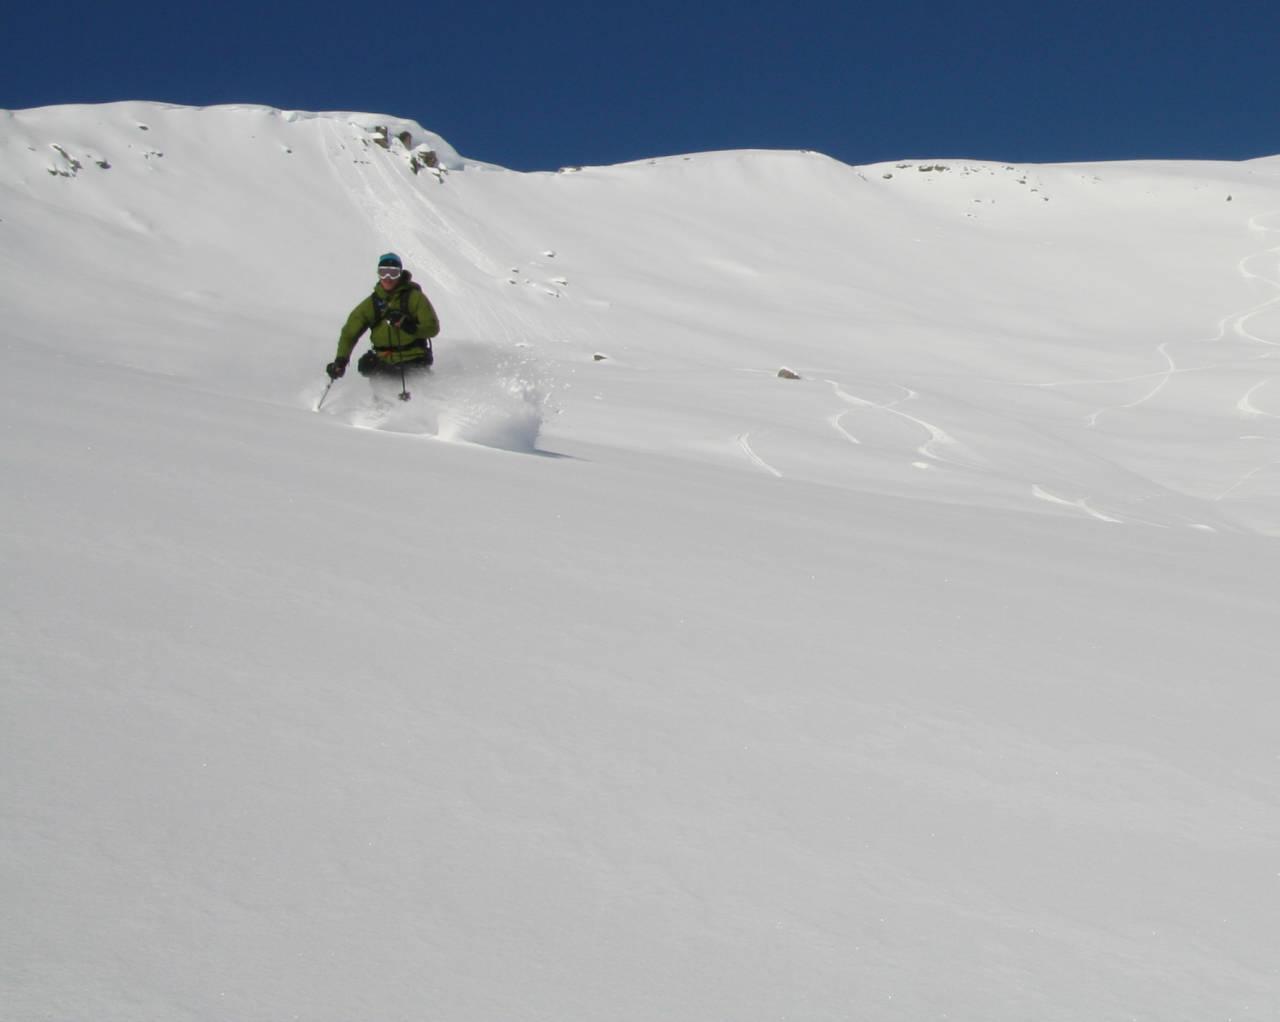 REKORDOKTOBER: Kirketaket 13. oktober hadde beste snøen i 2009! Nils Nielsen og mange flere forstod hva nordvesten bragte med seg og utnyttet første finværsdag. Foto: Halvor Hagen